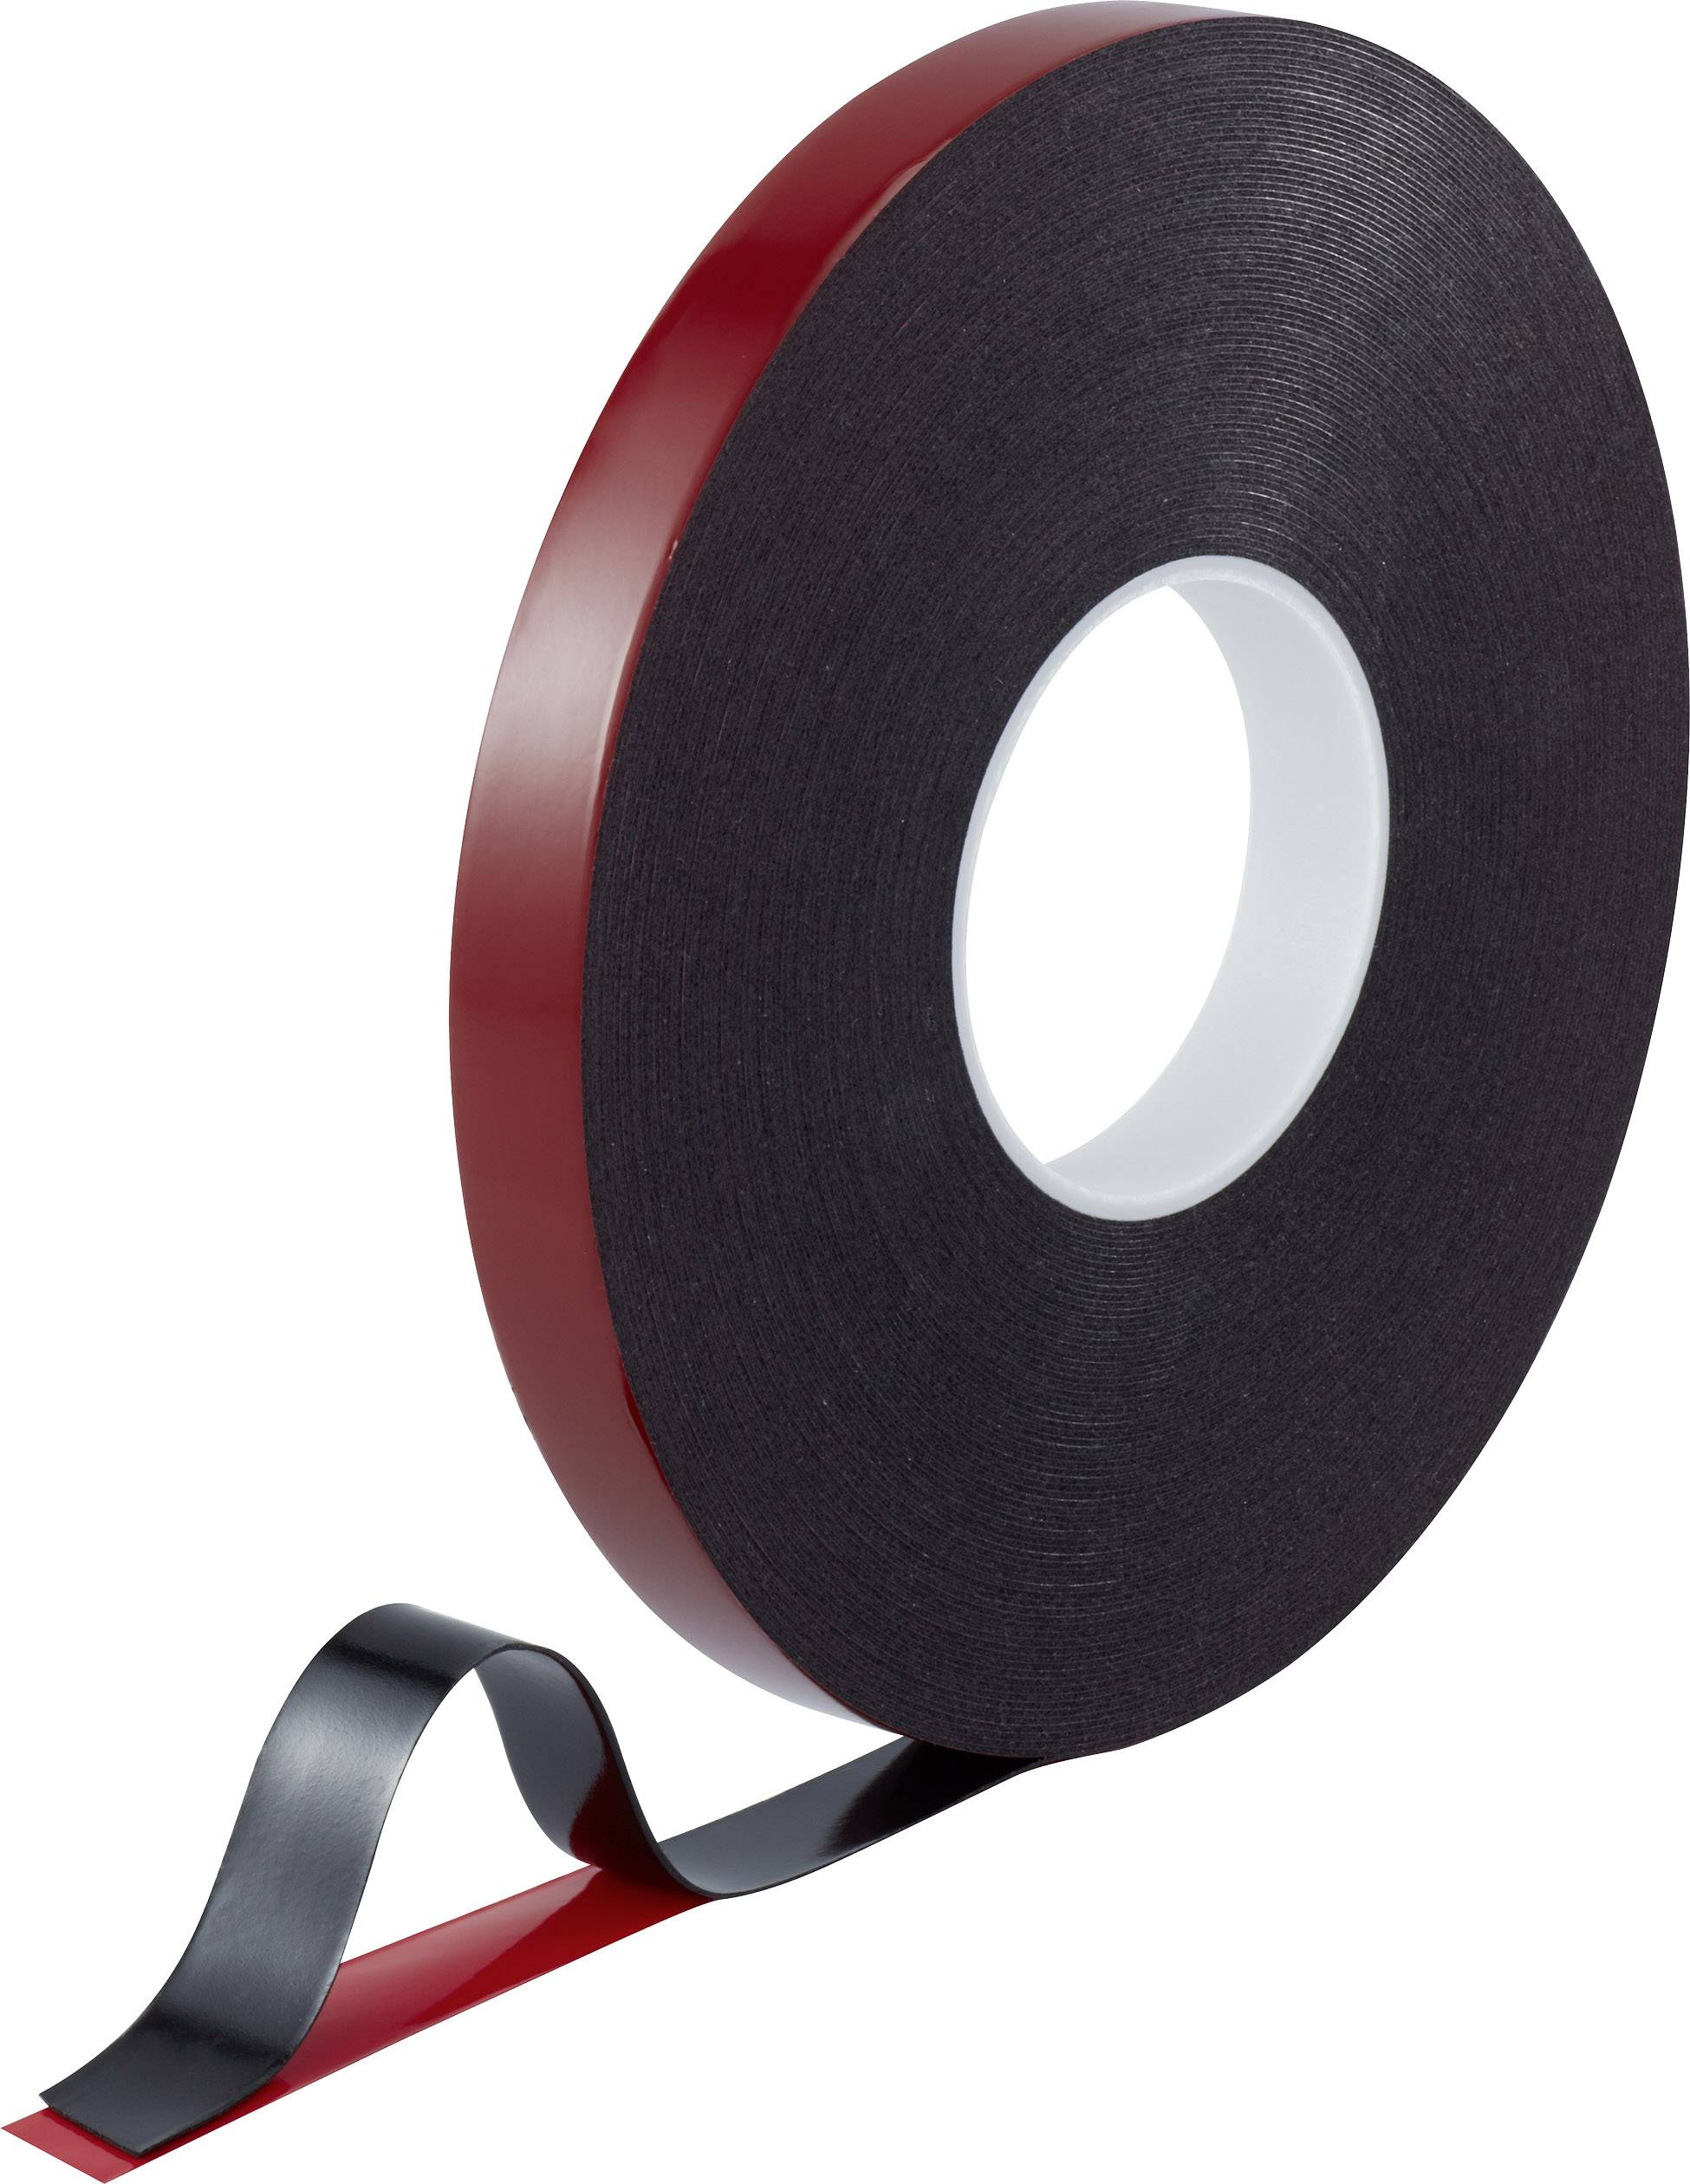 Oboustranná lepicí páska TOOLCRAFT (d x š) 30 m x 20 mm akryl červená/černá, 1 role